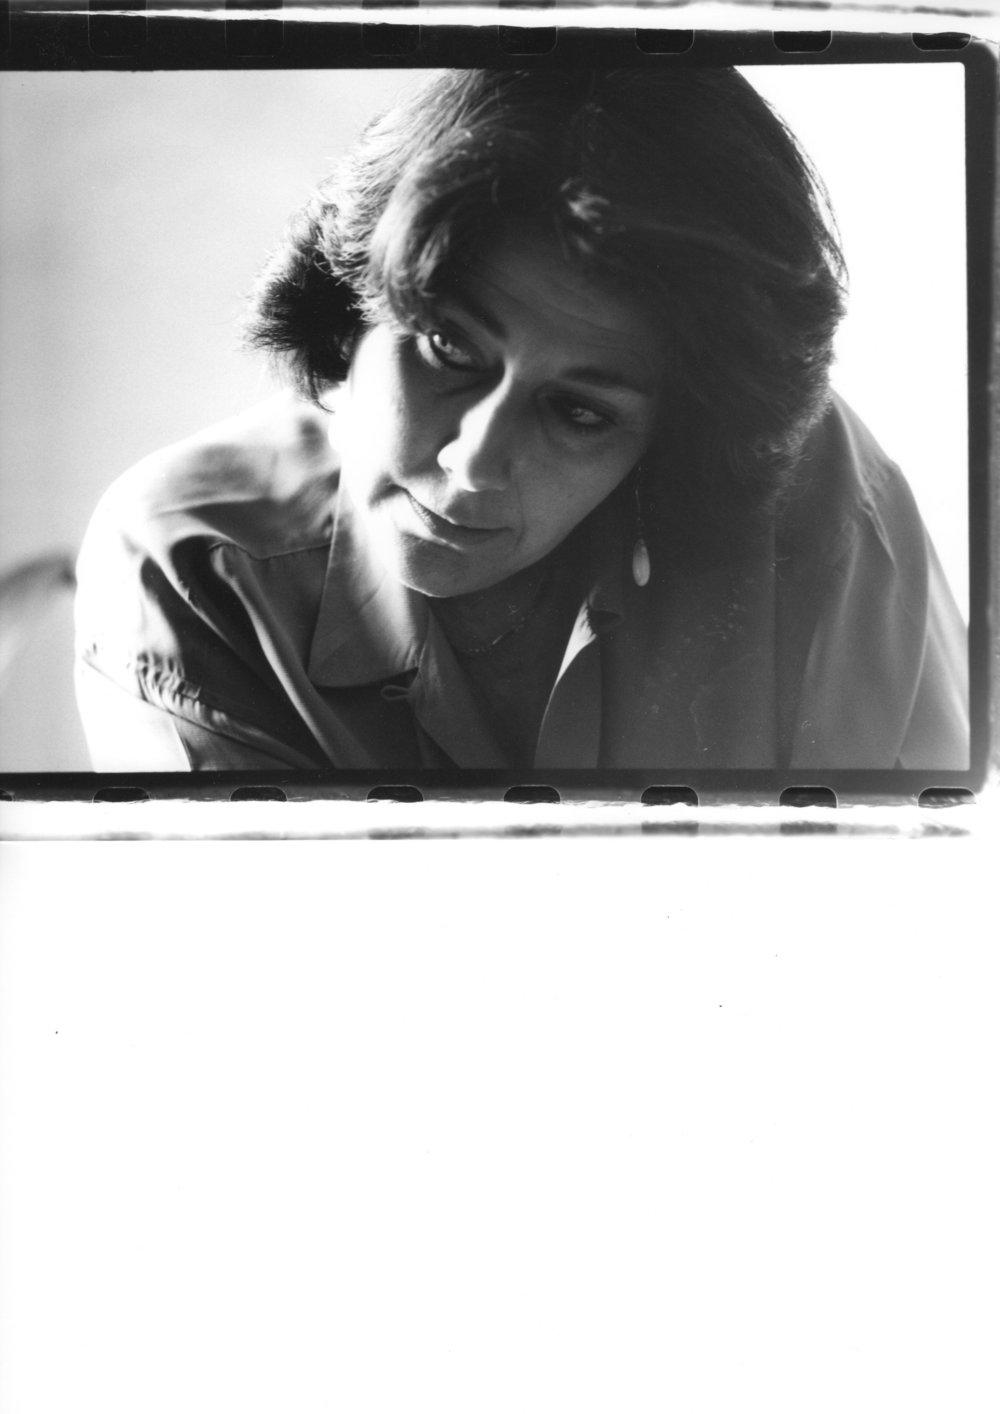 """Christine Groult(*1950, Frankreich) arbeitete von 1973 bis 1977 am GRM, gleichzeitig studierte sie am Conservatoire Pantin Komposition und Musikwissenschaft an der Sorbonne. Groult wechselte 1976 an das IRCAM. Seit 1990 ist Groult leitende Professorin für elektroakustische Musik am Conservatoire Pantin. Christine Groult entwickelte die ortsbezogene Werkreihe """"insitu"""", elektronische Kompositionen für den öffentlichen Raum, Stücke für öffentliche Anlässe, Filme oder auch Tanzaufführungen."""